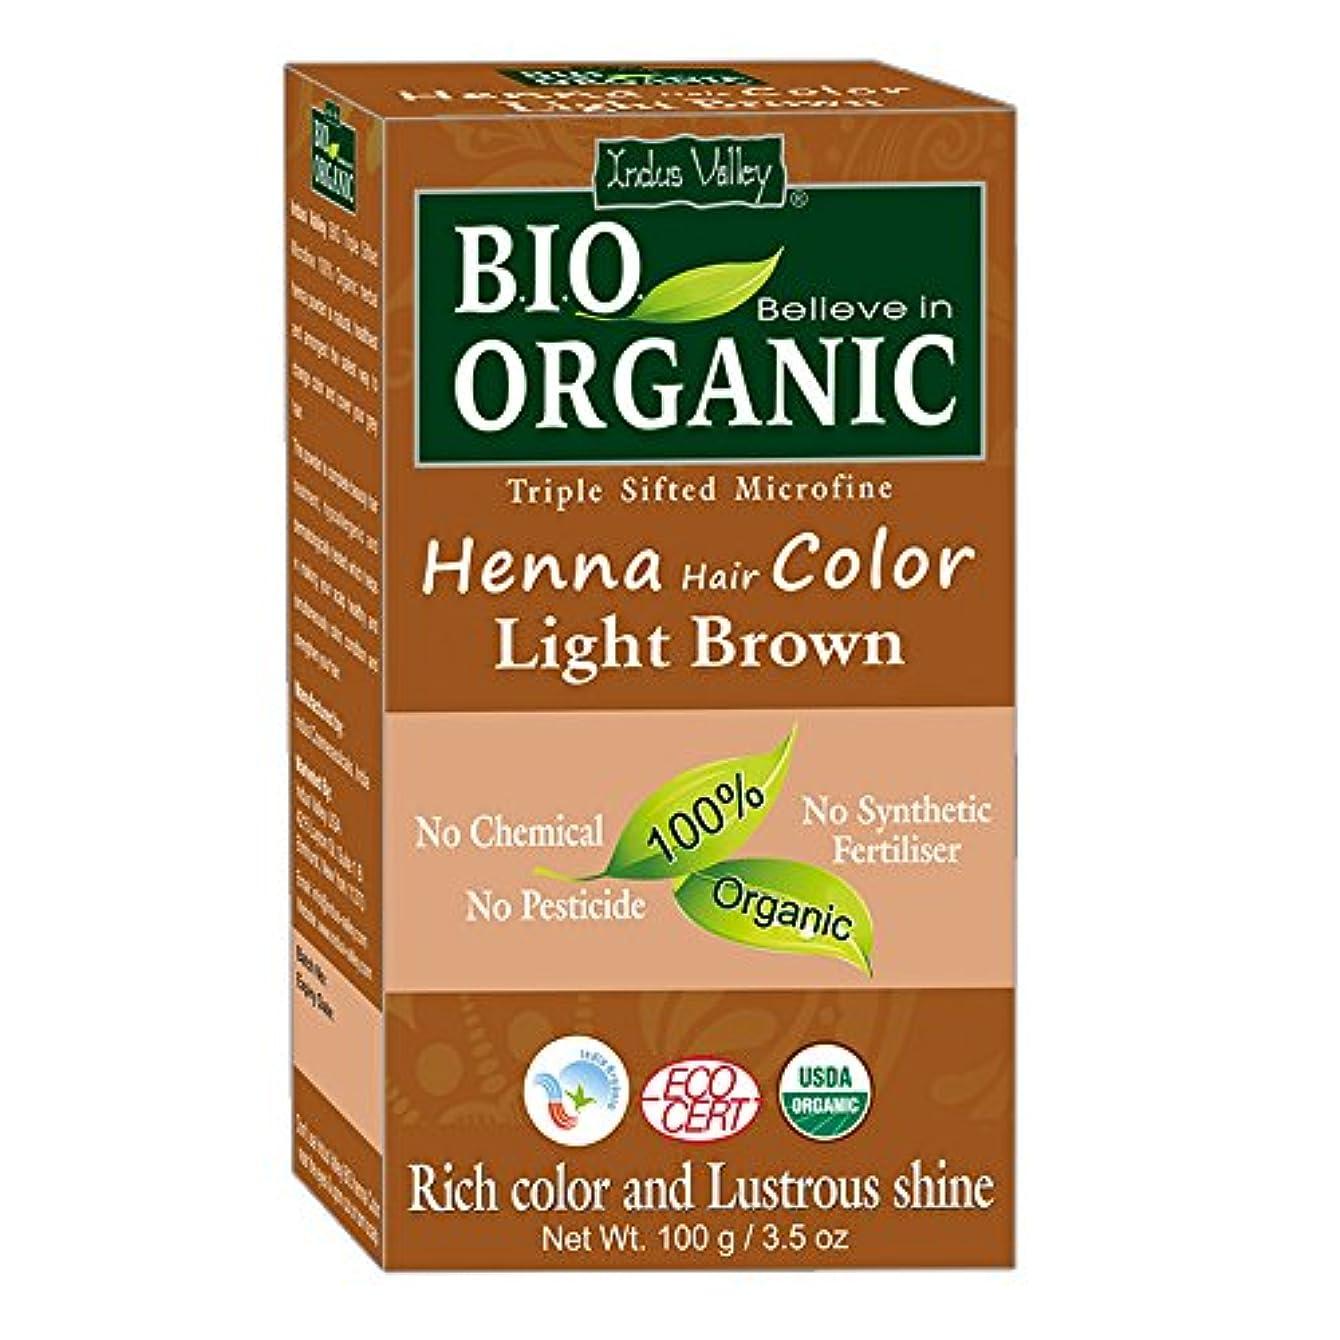 権限建物化学薬品ヘナヘアダイ100%バイオオーガニックトリプルシフトマイクロファインパウダー(ライトブラウン)